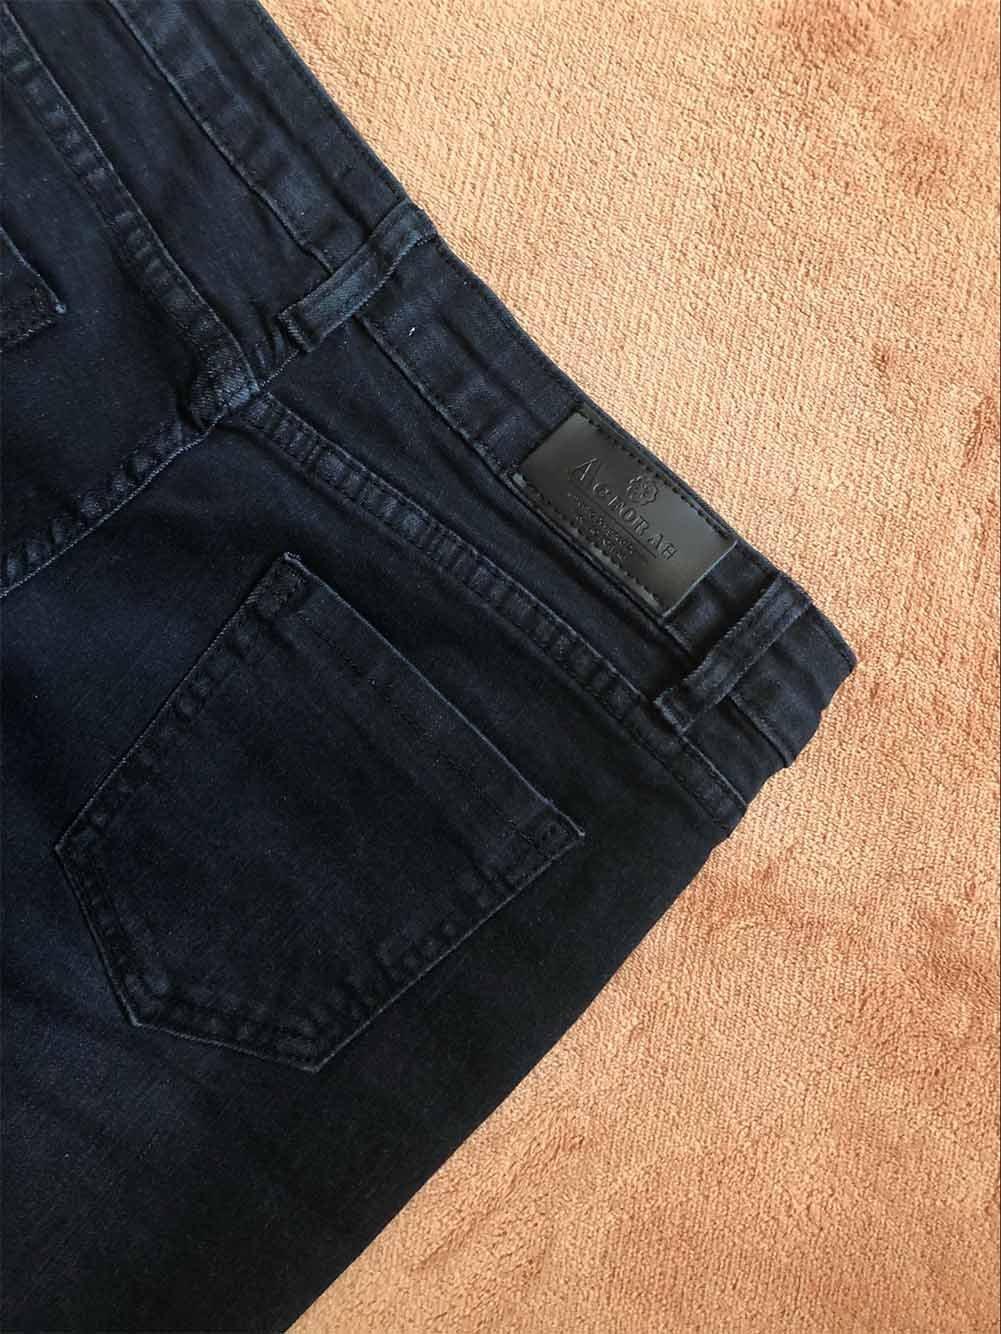 Bott Mena UK- Donna AA Forte Vento La Coltivazione Lavato abrasivi Pantaloni Jeans di Marca di Modo Indipendente Grande Campana qualit/à Auto